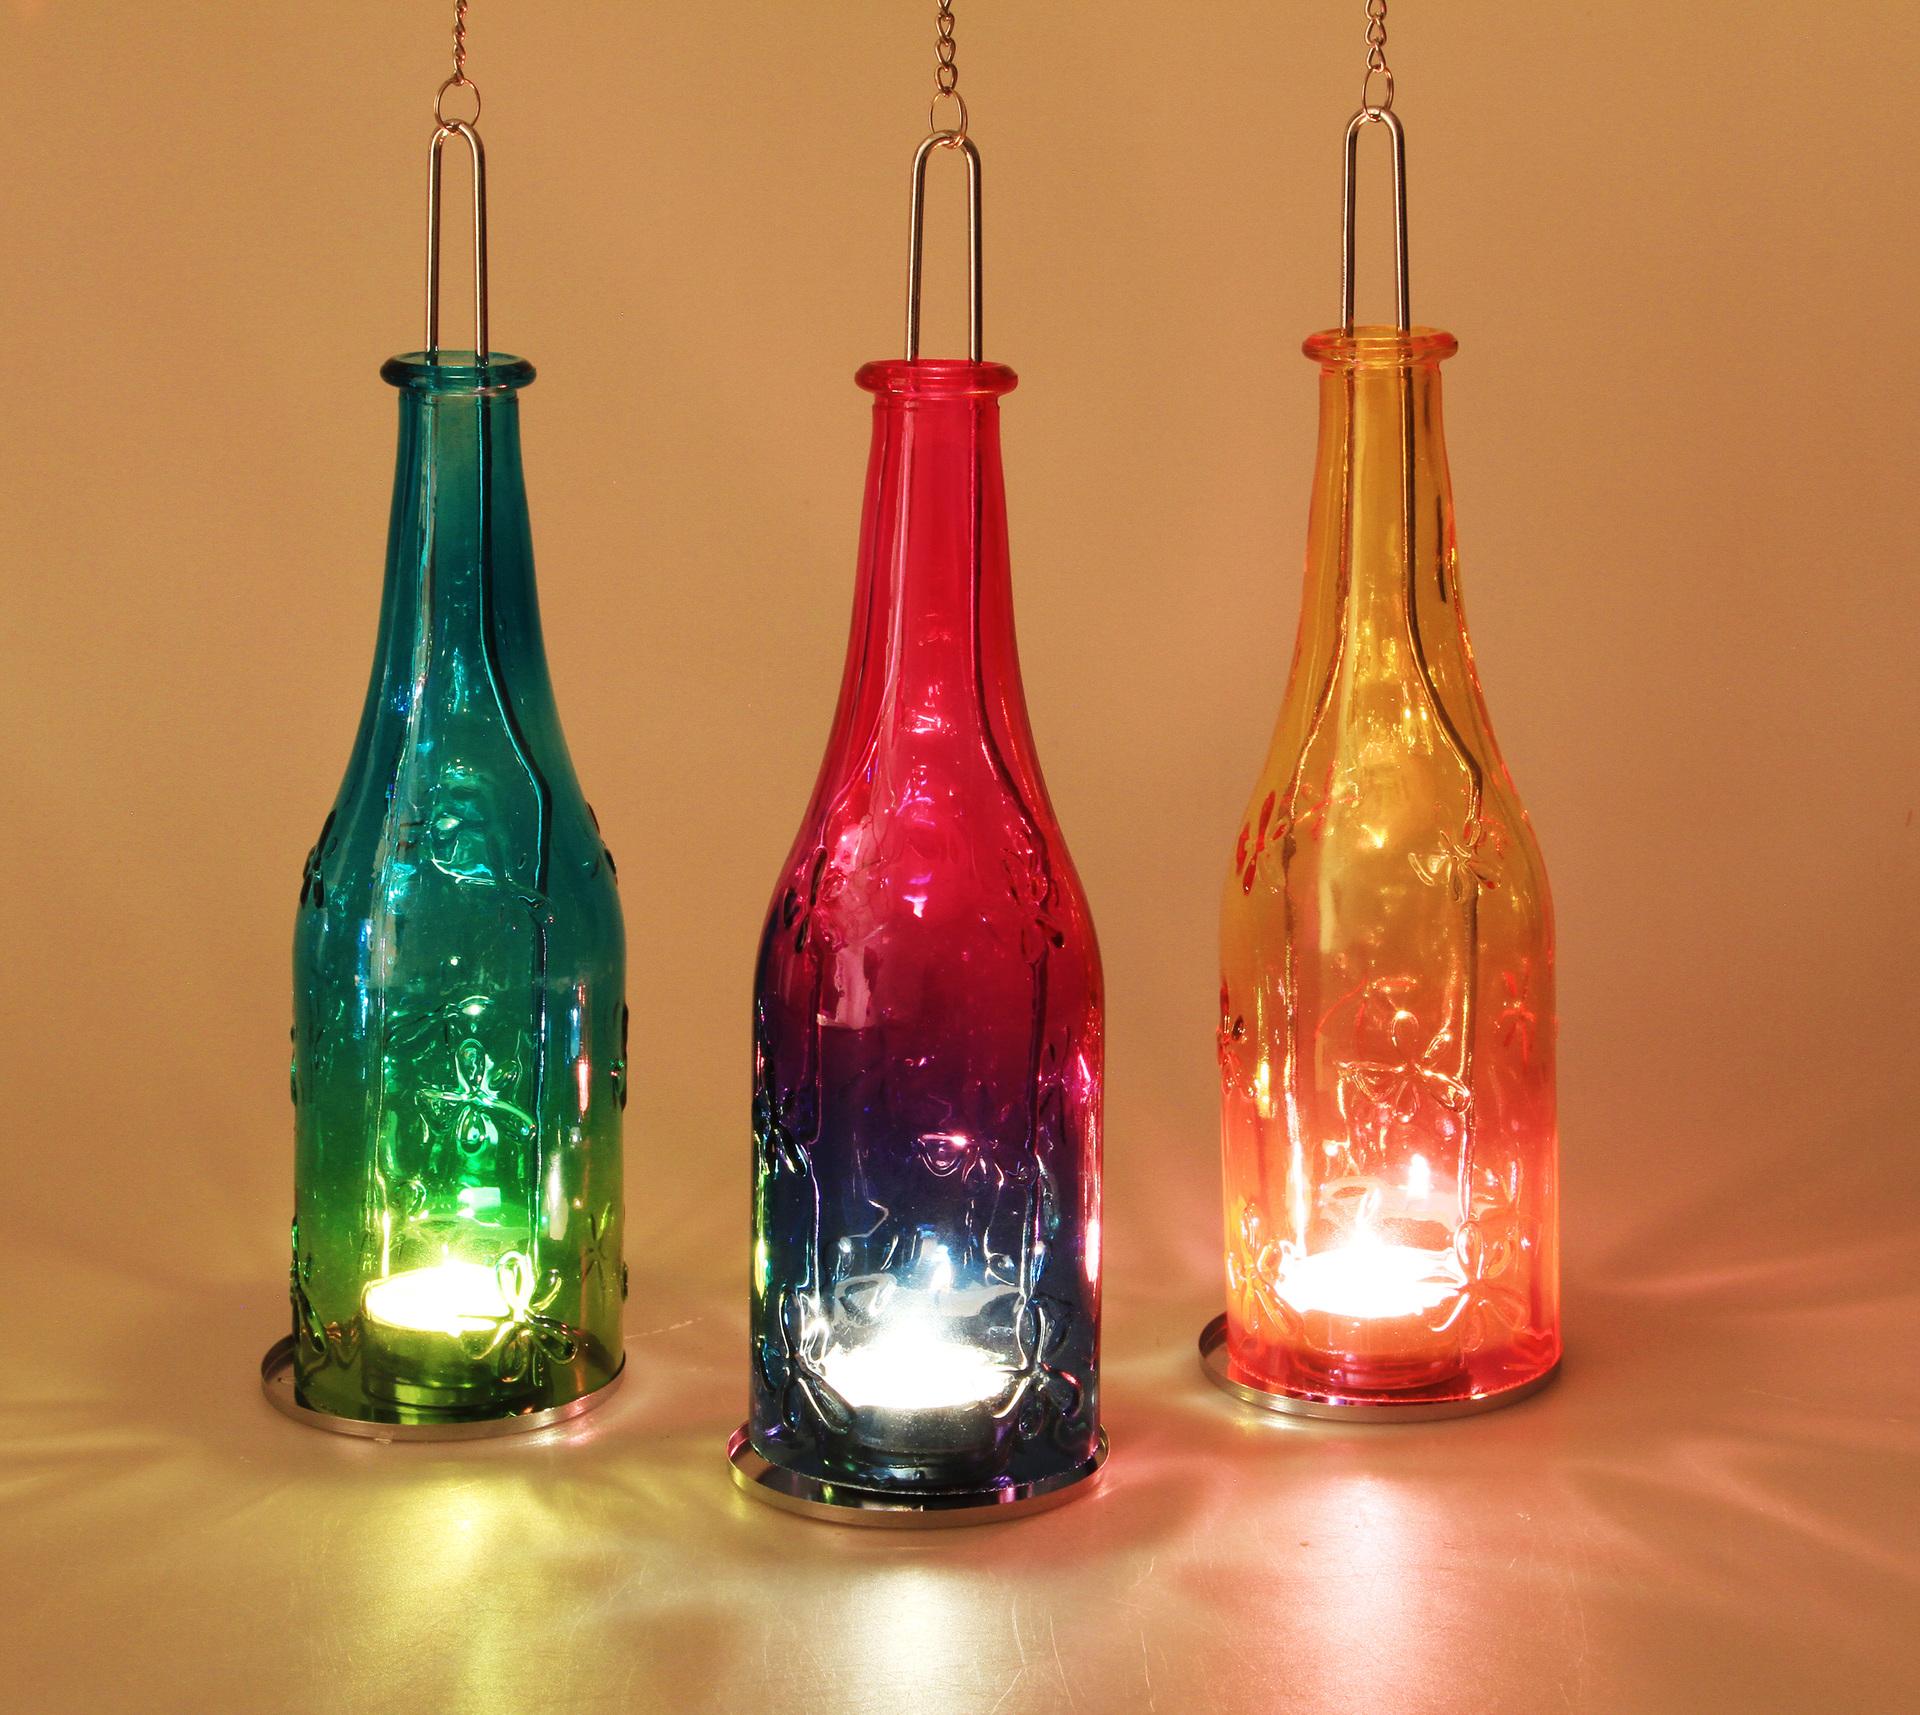 Barevná lahev 27 cm, závěsný svícen